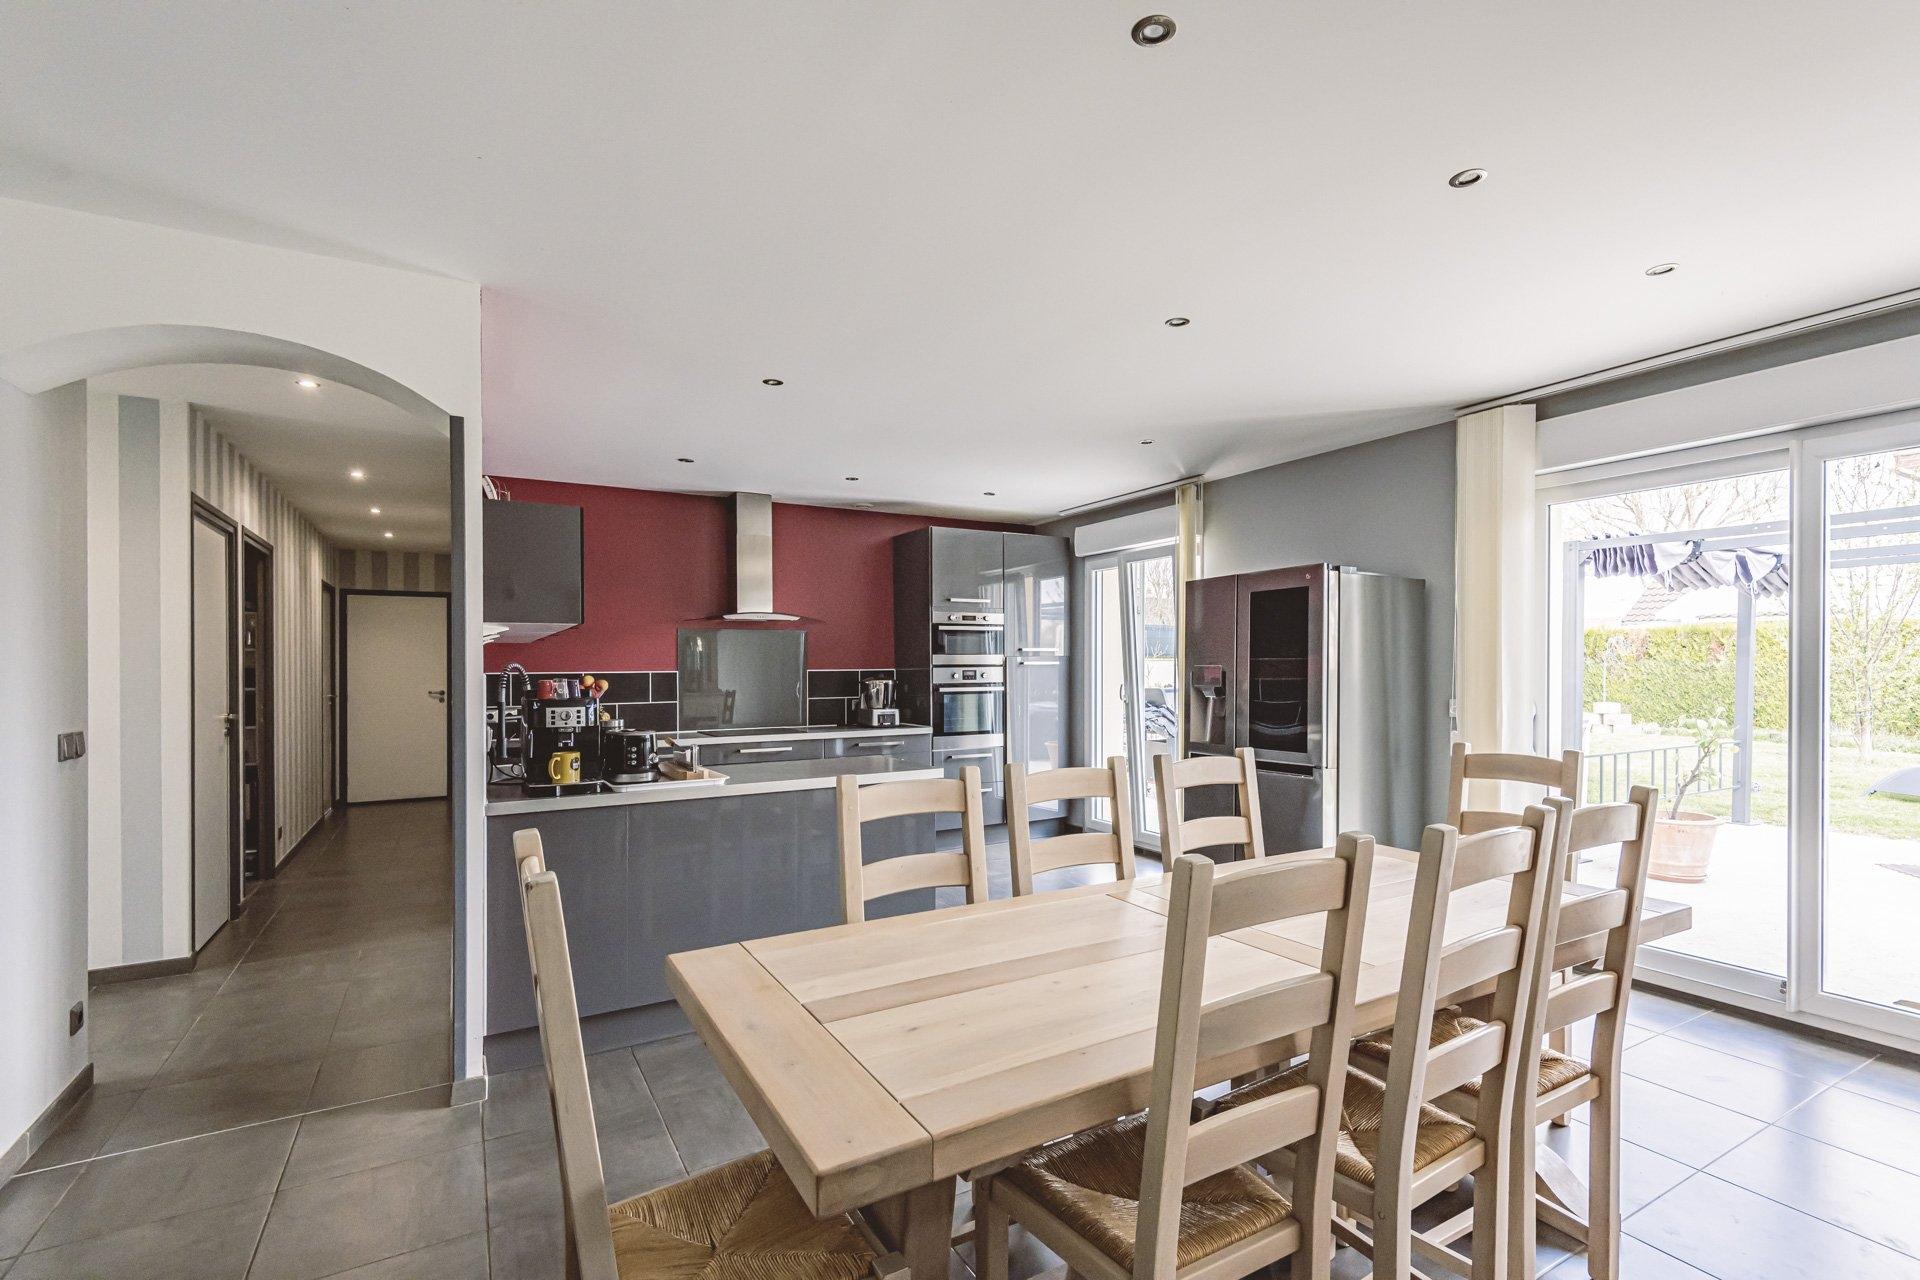 Maison Caurel 5 Pièces 123 m2 - Terrasse - Parking - 2